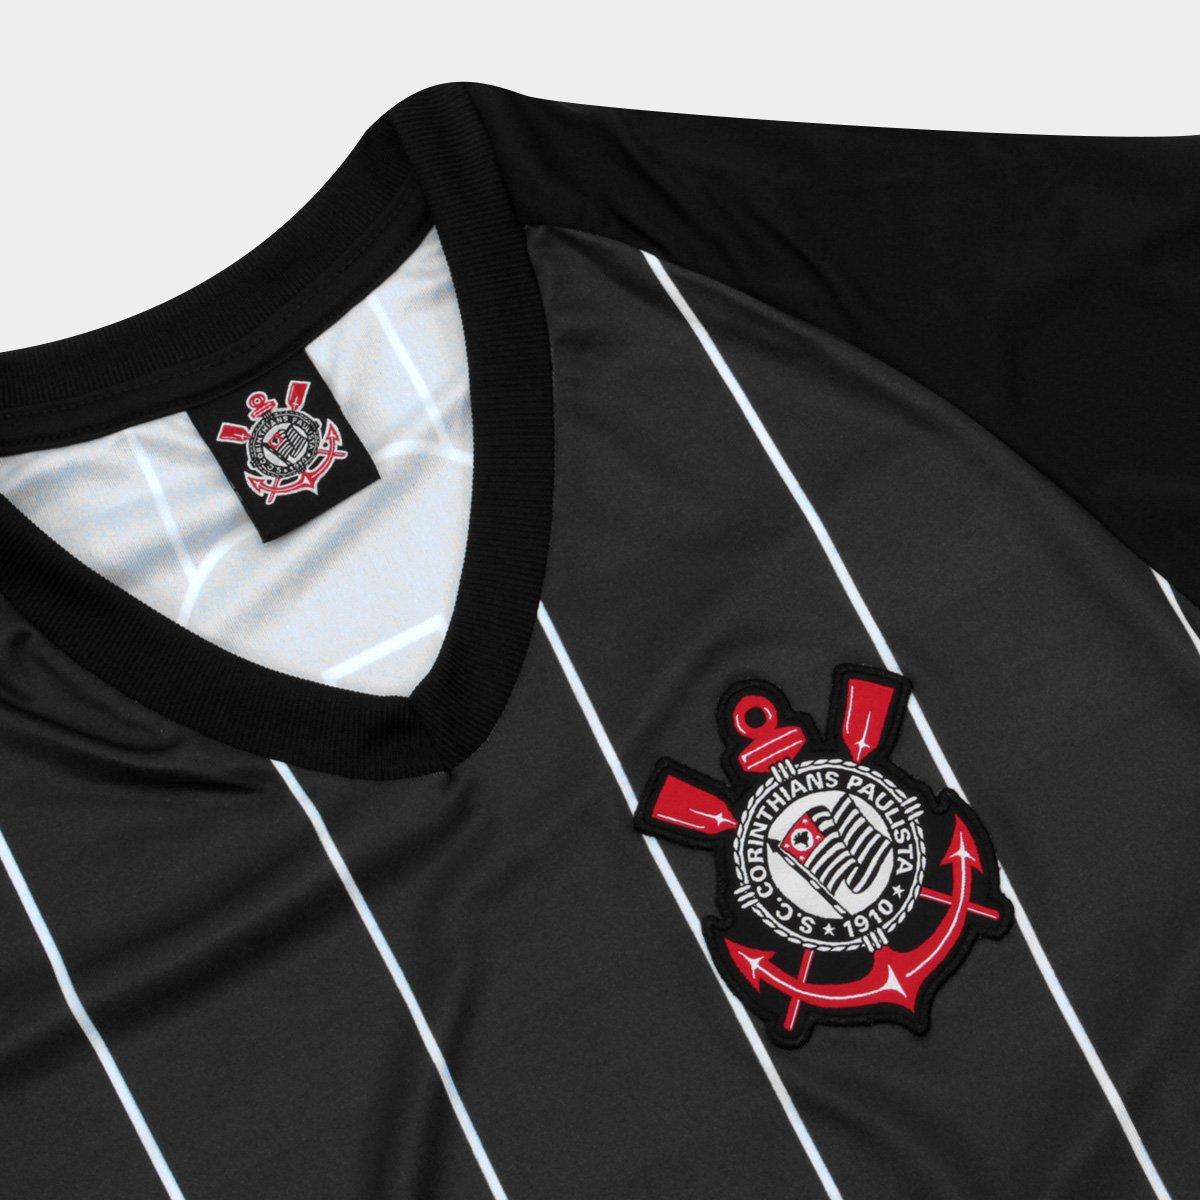 dfe9546a77 Camisa Corinthians Fenomenal Edição Especial Nº 9 Feminina - Compre ...